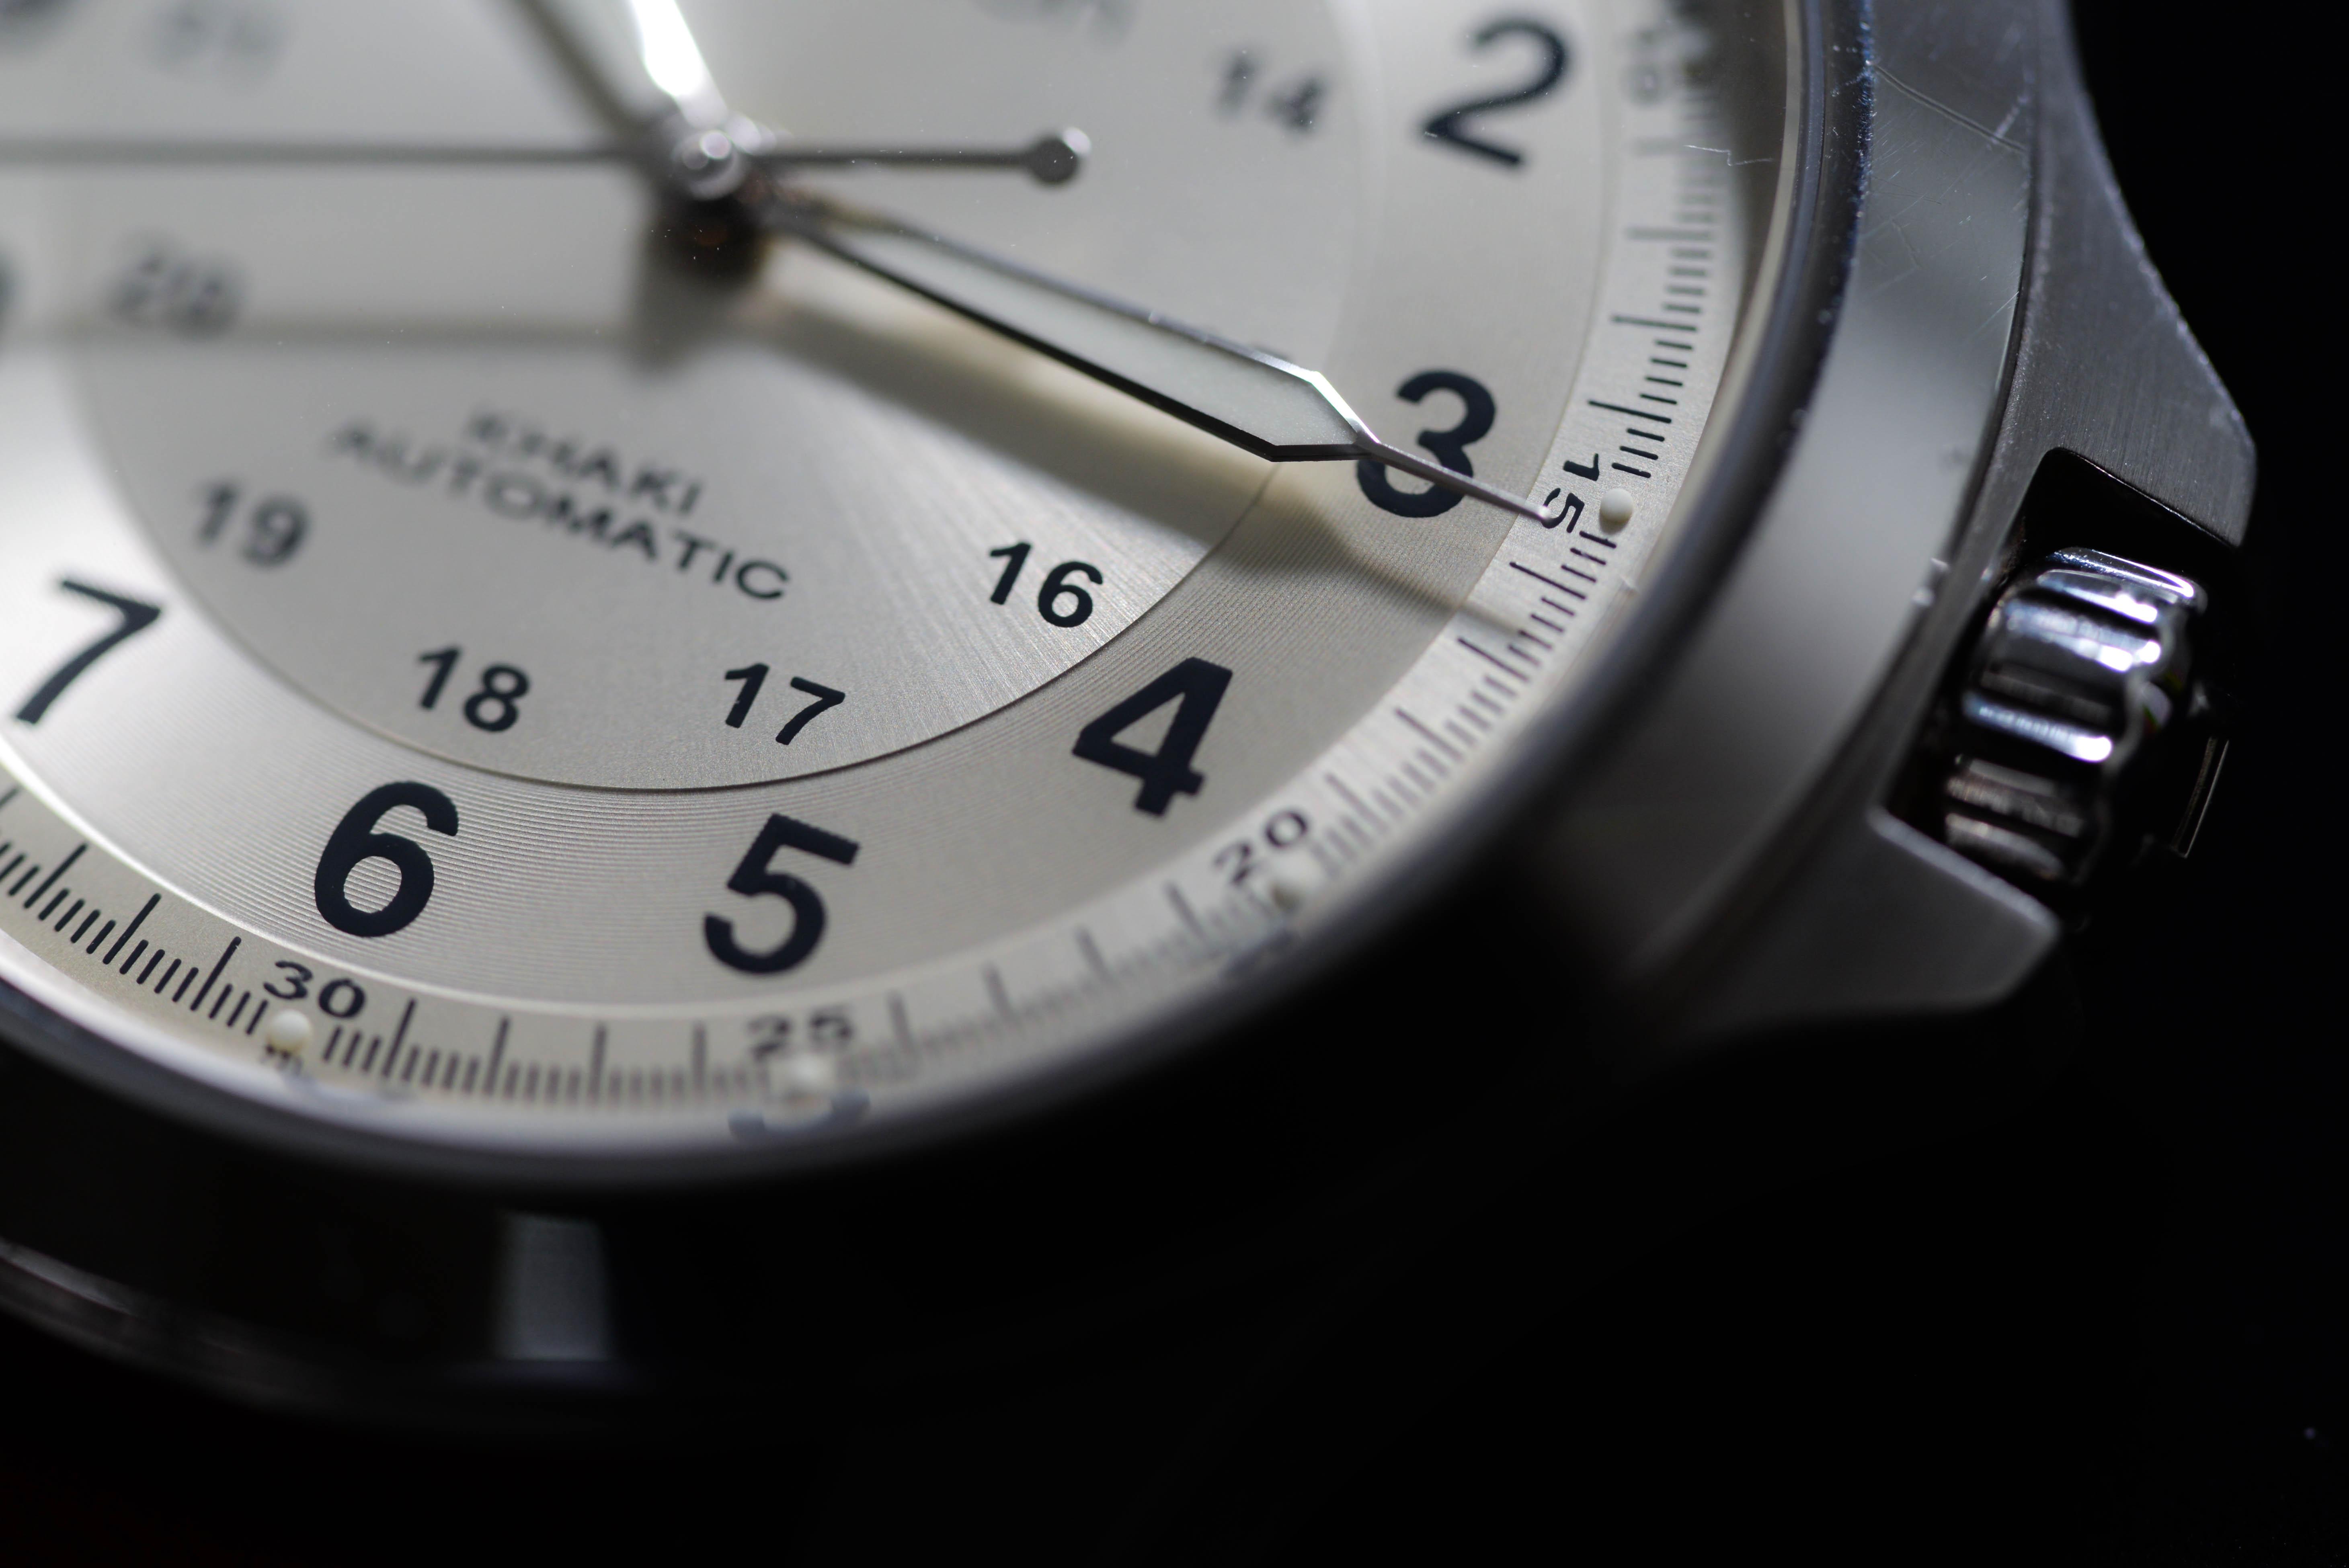 良い時計は上品で色気がある